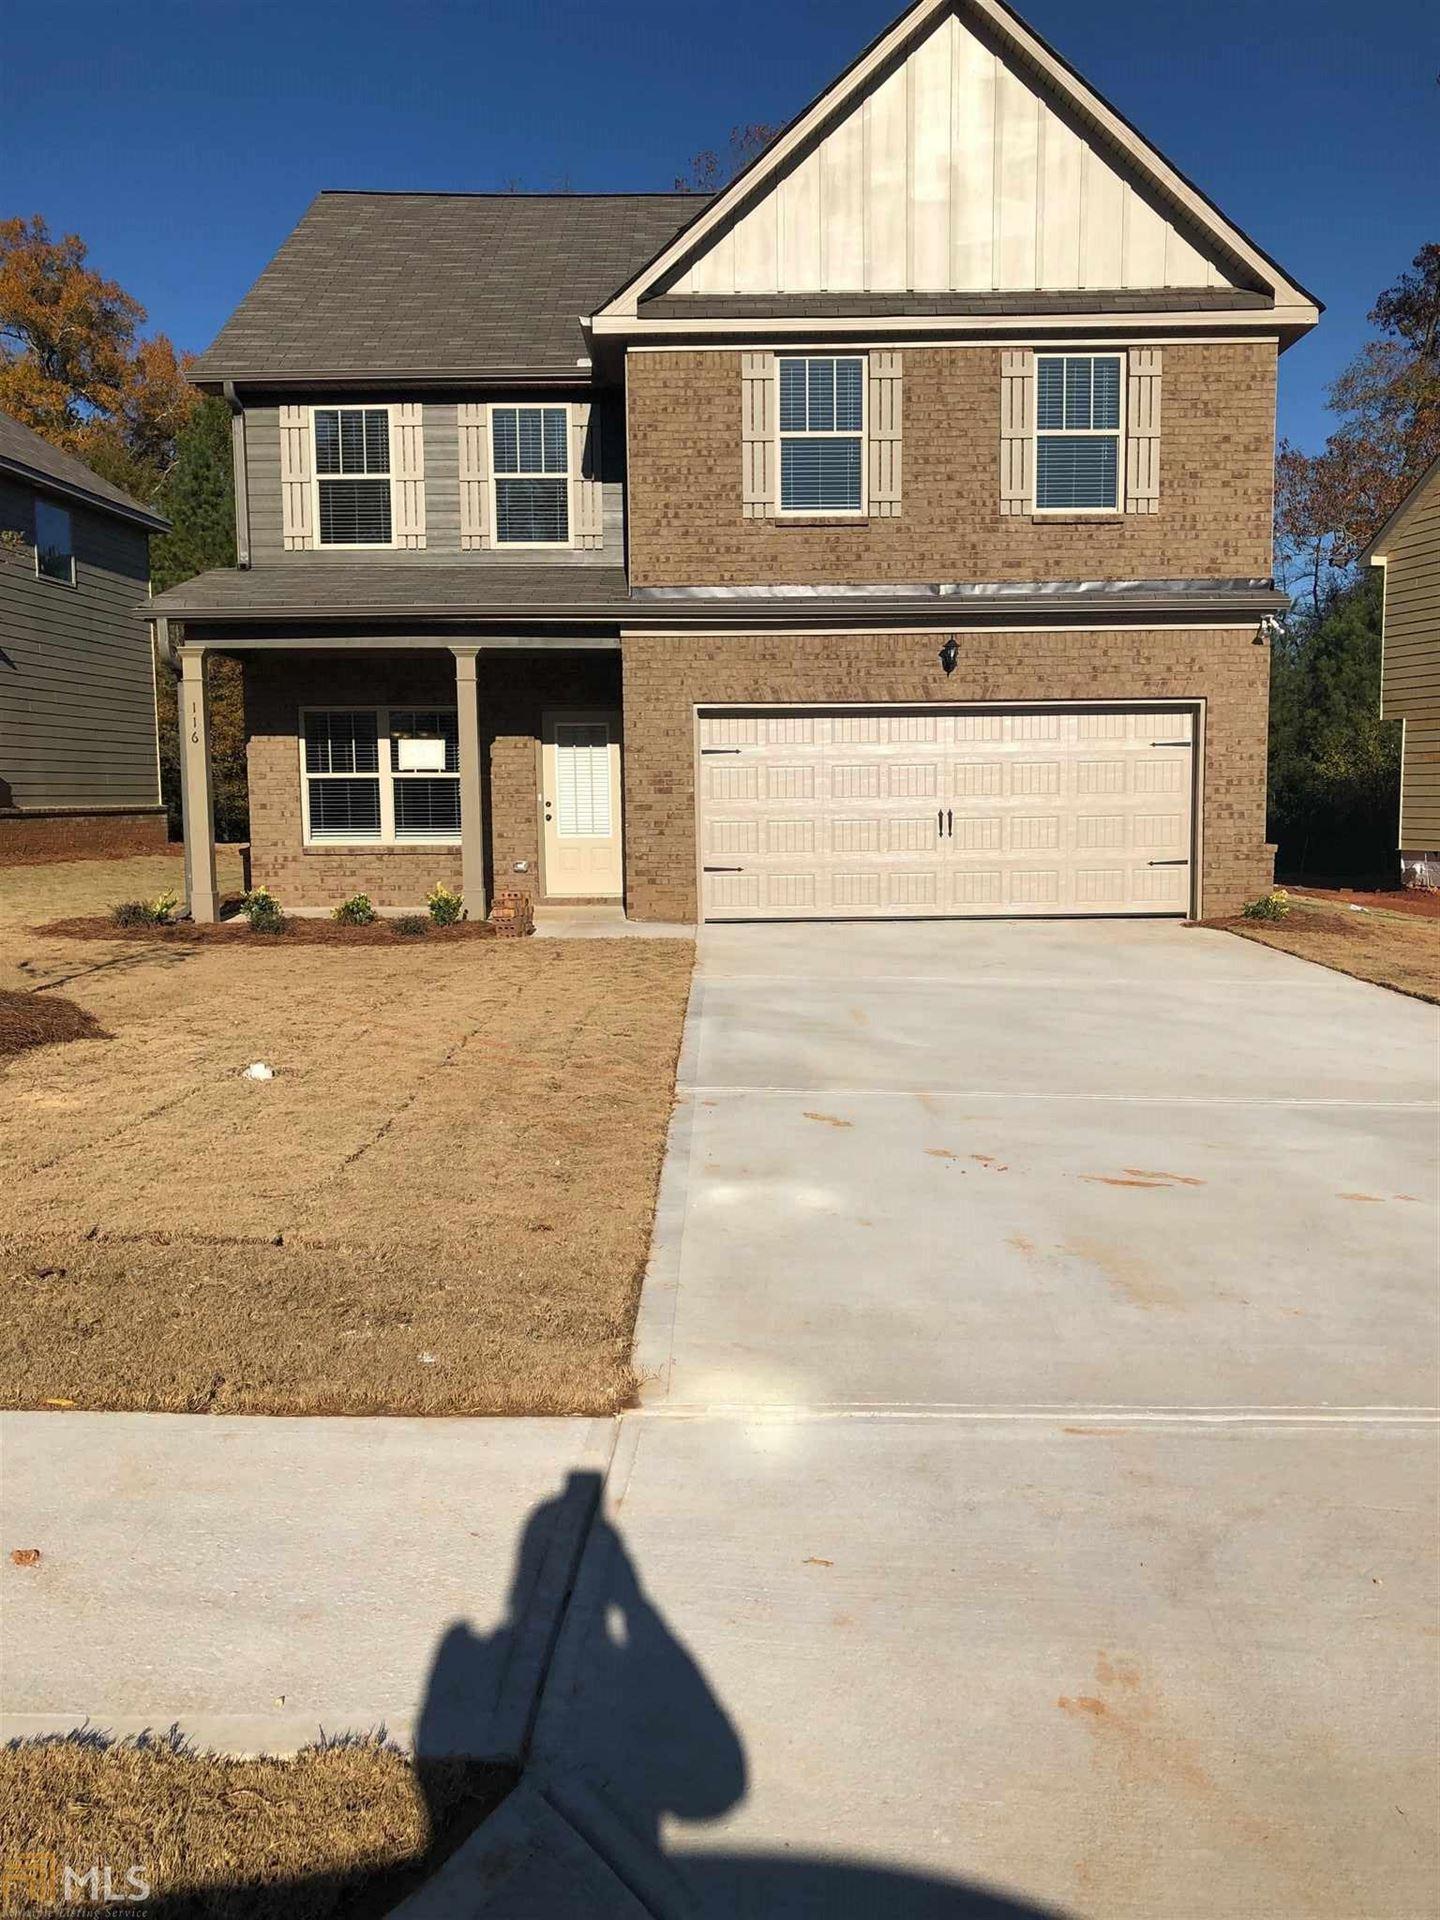 8022 Orange Grove Ct Lot 126, Locust Grove, GA 30248 - #: 8712750